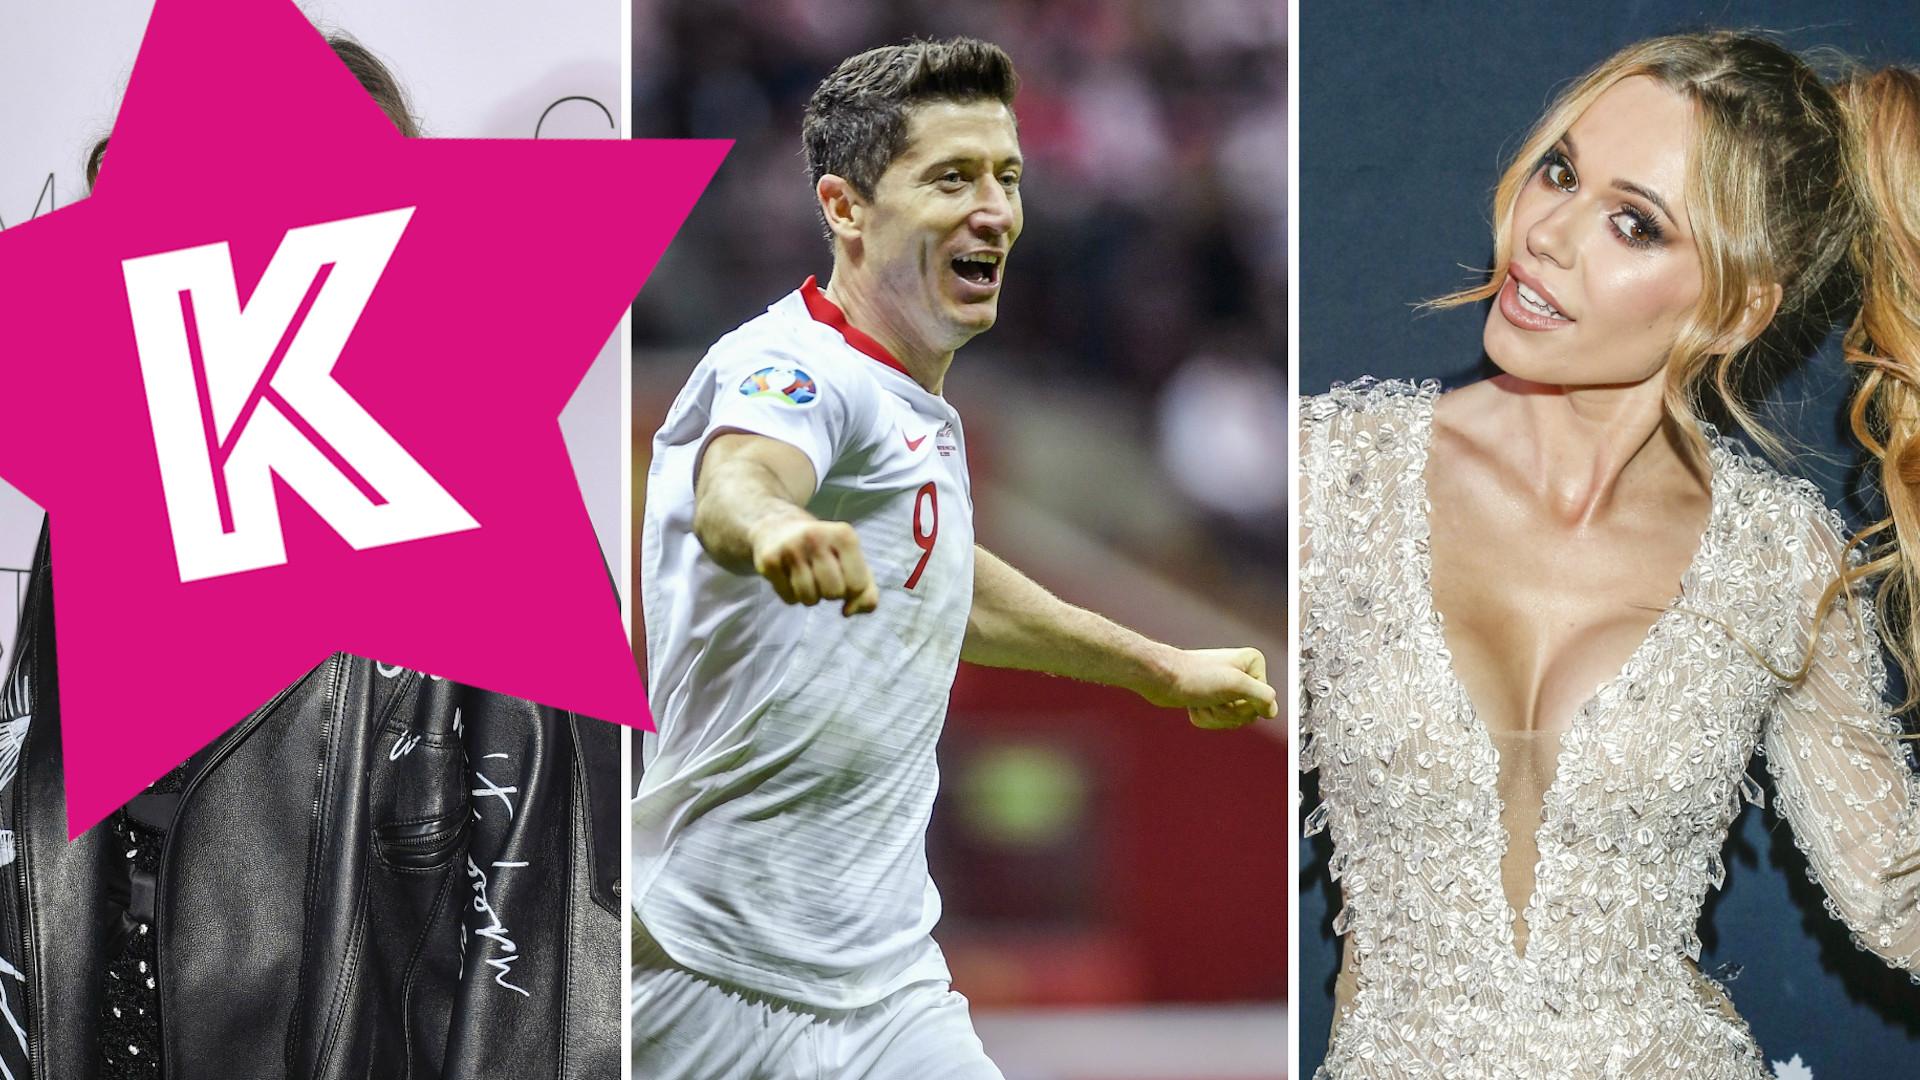 Polscy królowie i królowe Instagrama. Lewandowski z zostawił KONKURENCJĘ daleko w tyle